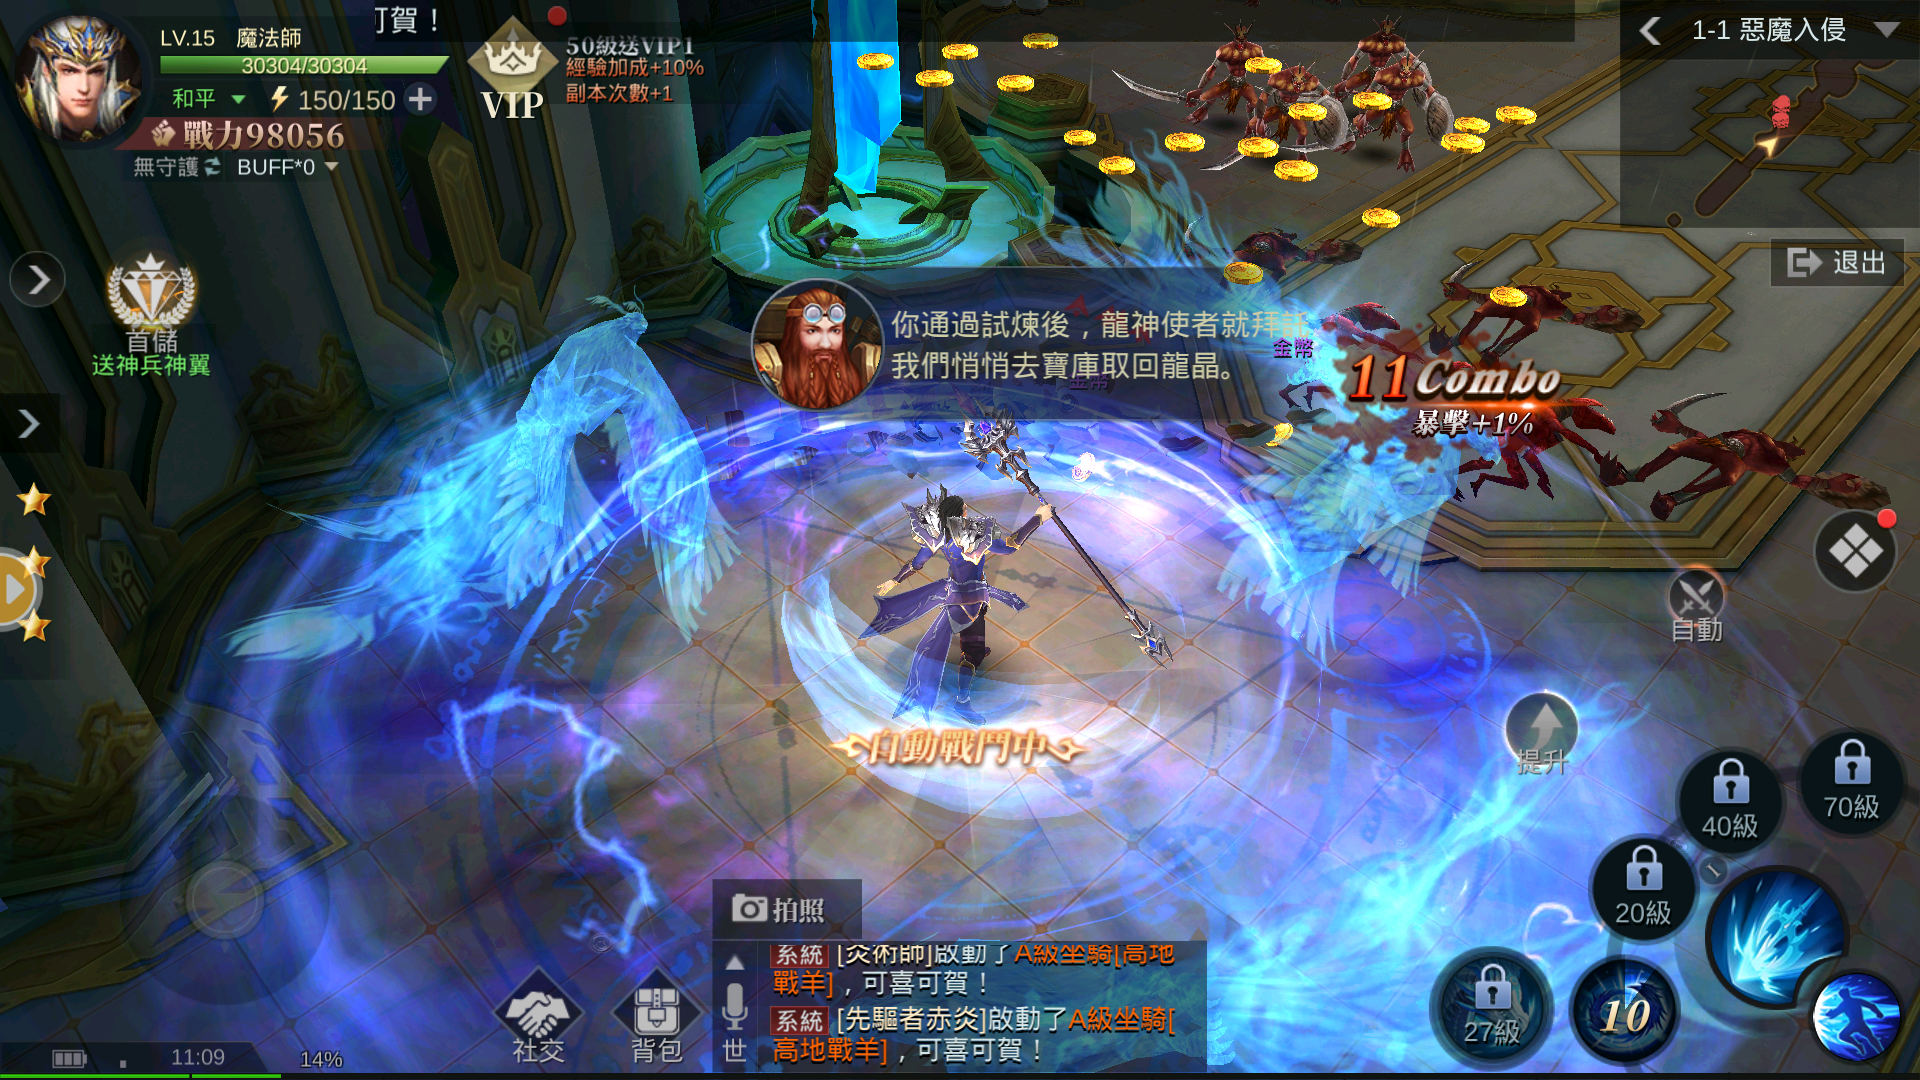 《AOD龍之怒吼》遊戲畫面表現十分普通